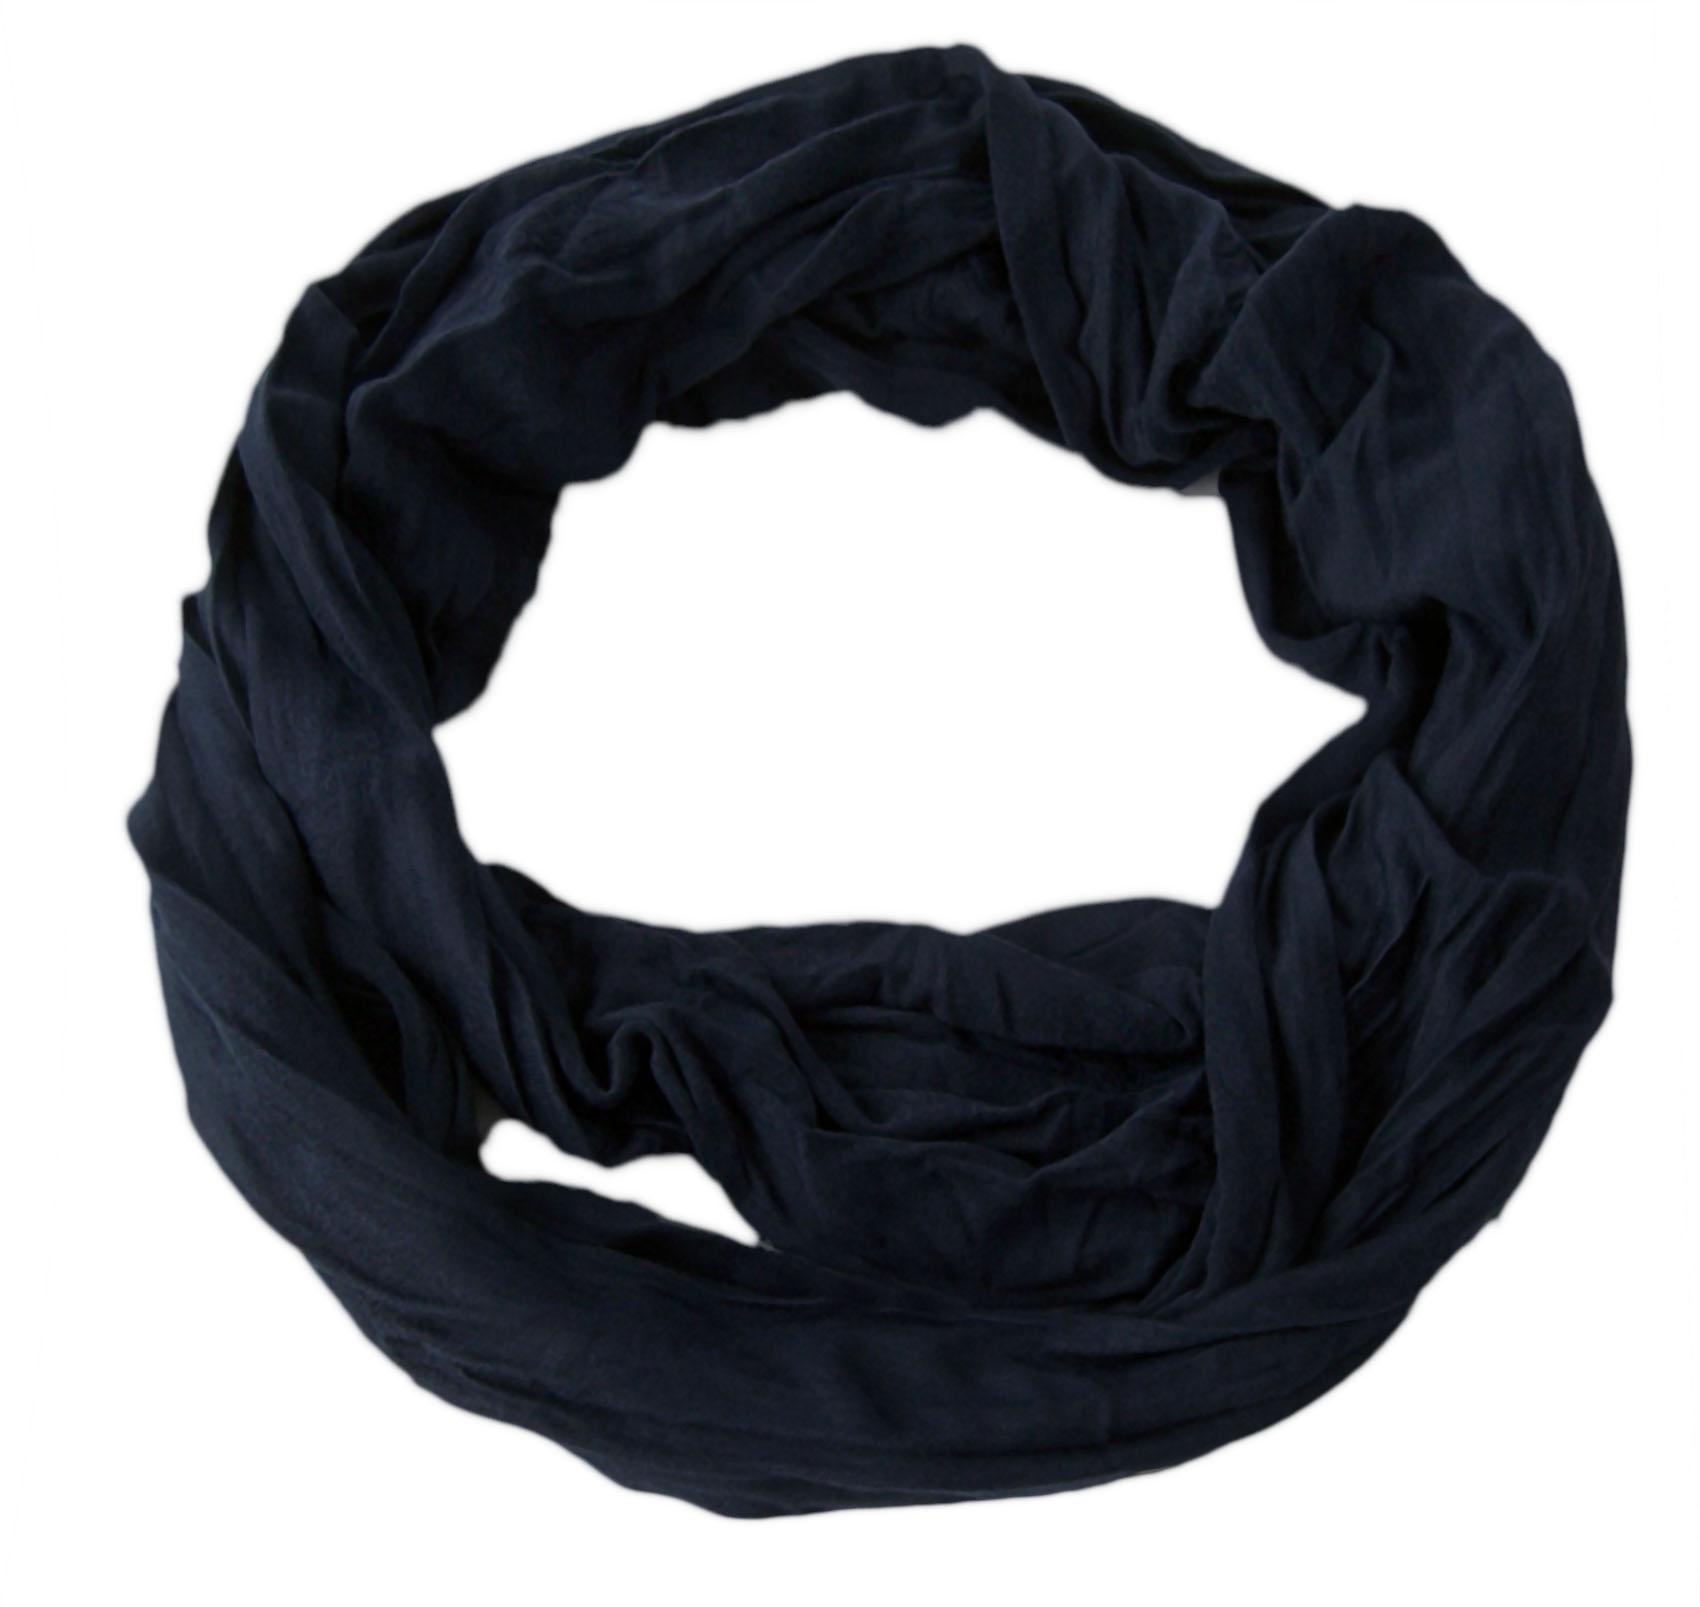 Niklarson Loop Schal Tuch dunkelblau Rundschal 160x45cm unisex Schlauch T7011